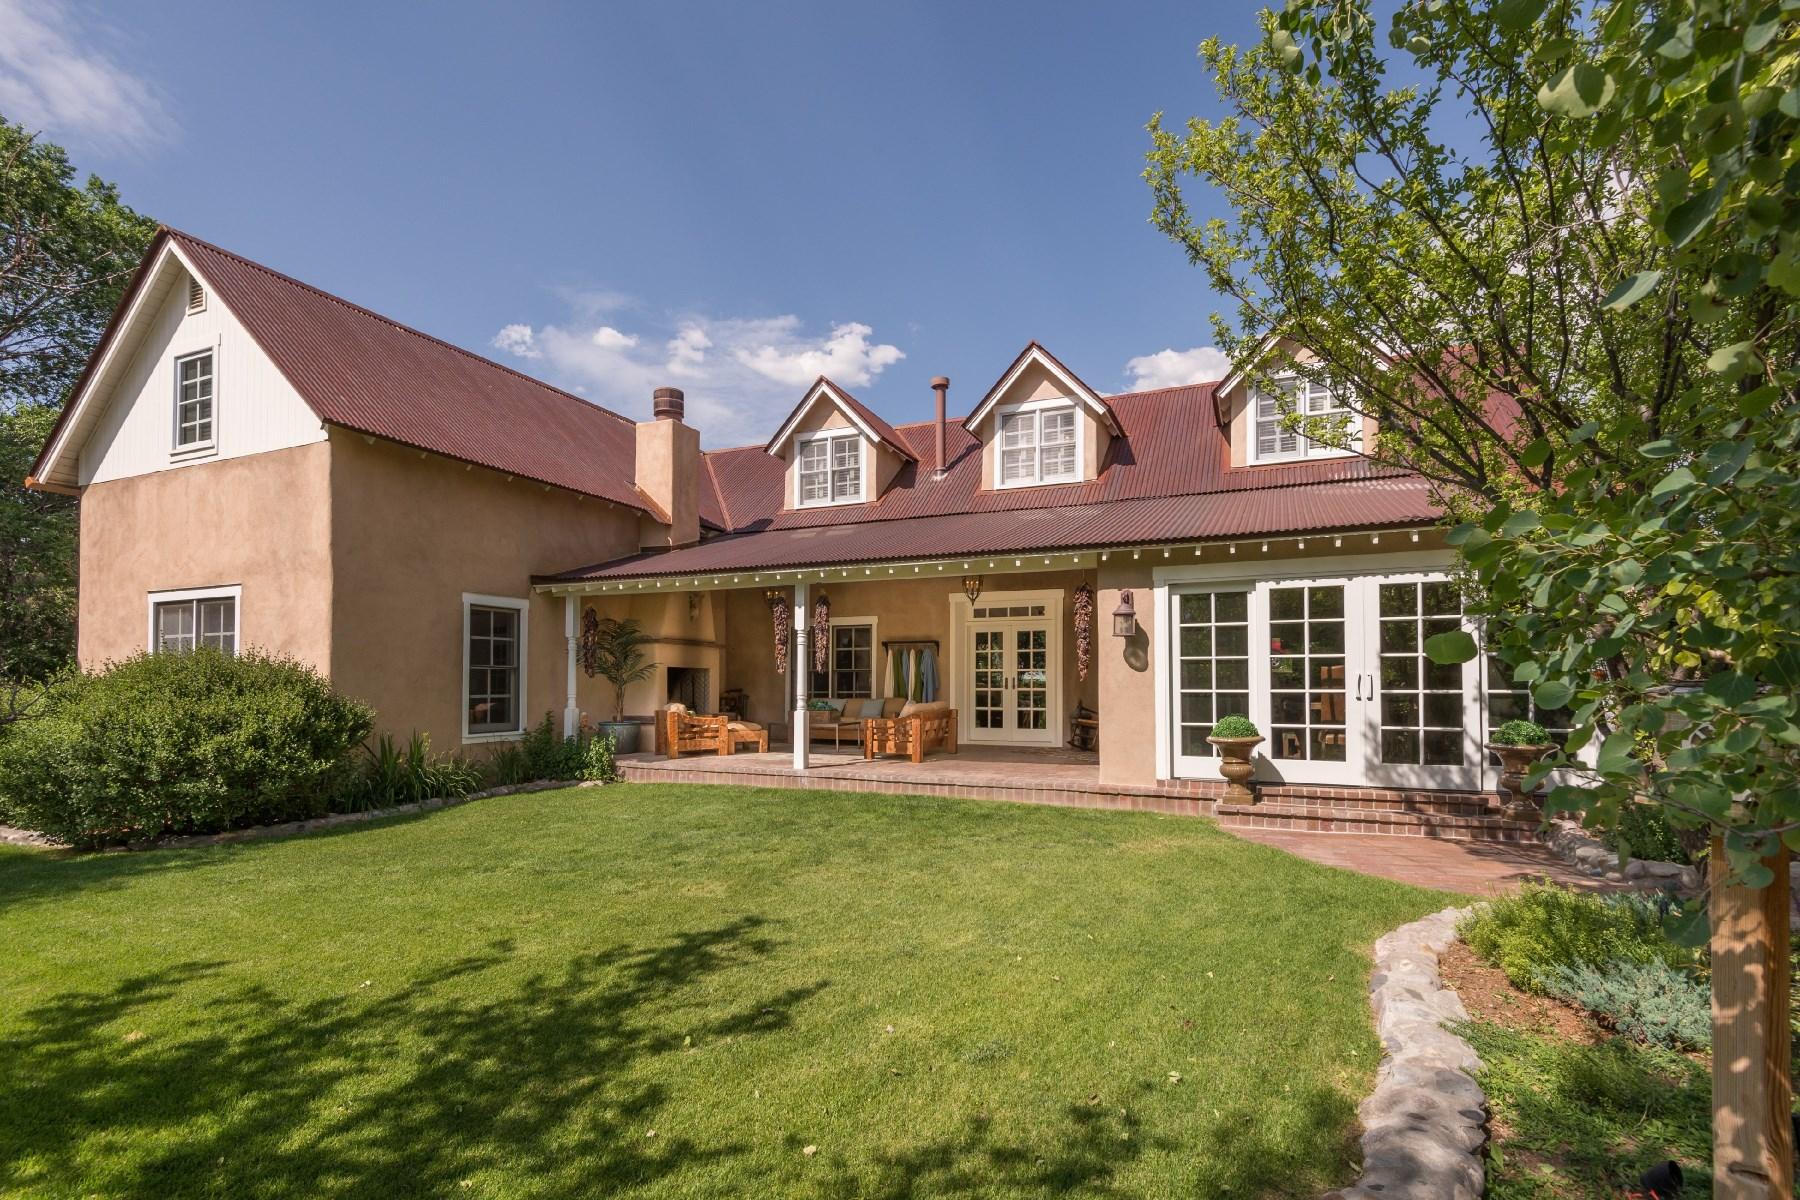 Maison unifamiliale pour l Vente à 19 Arroyo Pequeno Santa Fe, New Mexico, 87506 États-Unis